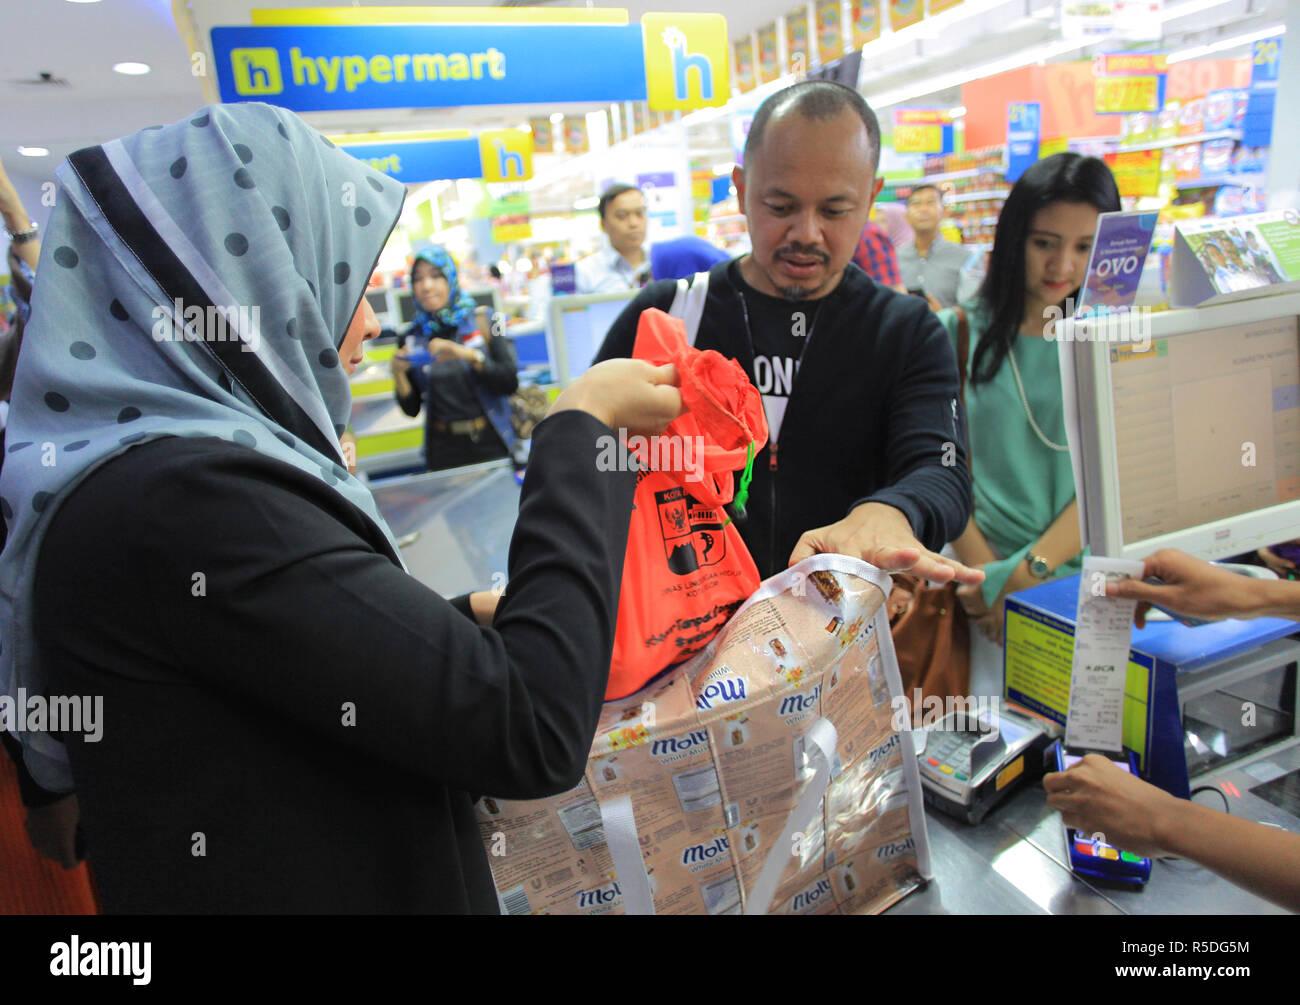 Bogor, West Java, Indonesia. Il 1 dicembre 2018. Il sindaco di Bogor, Bima Arya (C) era visto azienda eco-friendly sacchetti, riciclaggio dei risultati di Bogor residenti 'creatività durante la socializzazione senza l'uso di sacchetti di plastica nel mercato moderno.Il Bogor governo della città è ufficialmente vietato l'uso di sacchetti di plastica nel moderno, vendita al dettaglio e centri commerciali per ridurre i rifiuti in plastica dell'inquinamento. Credito: ZUMA Press, Inc./Alamy Live News Immagini Stock